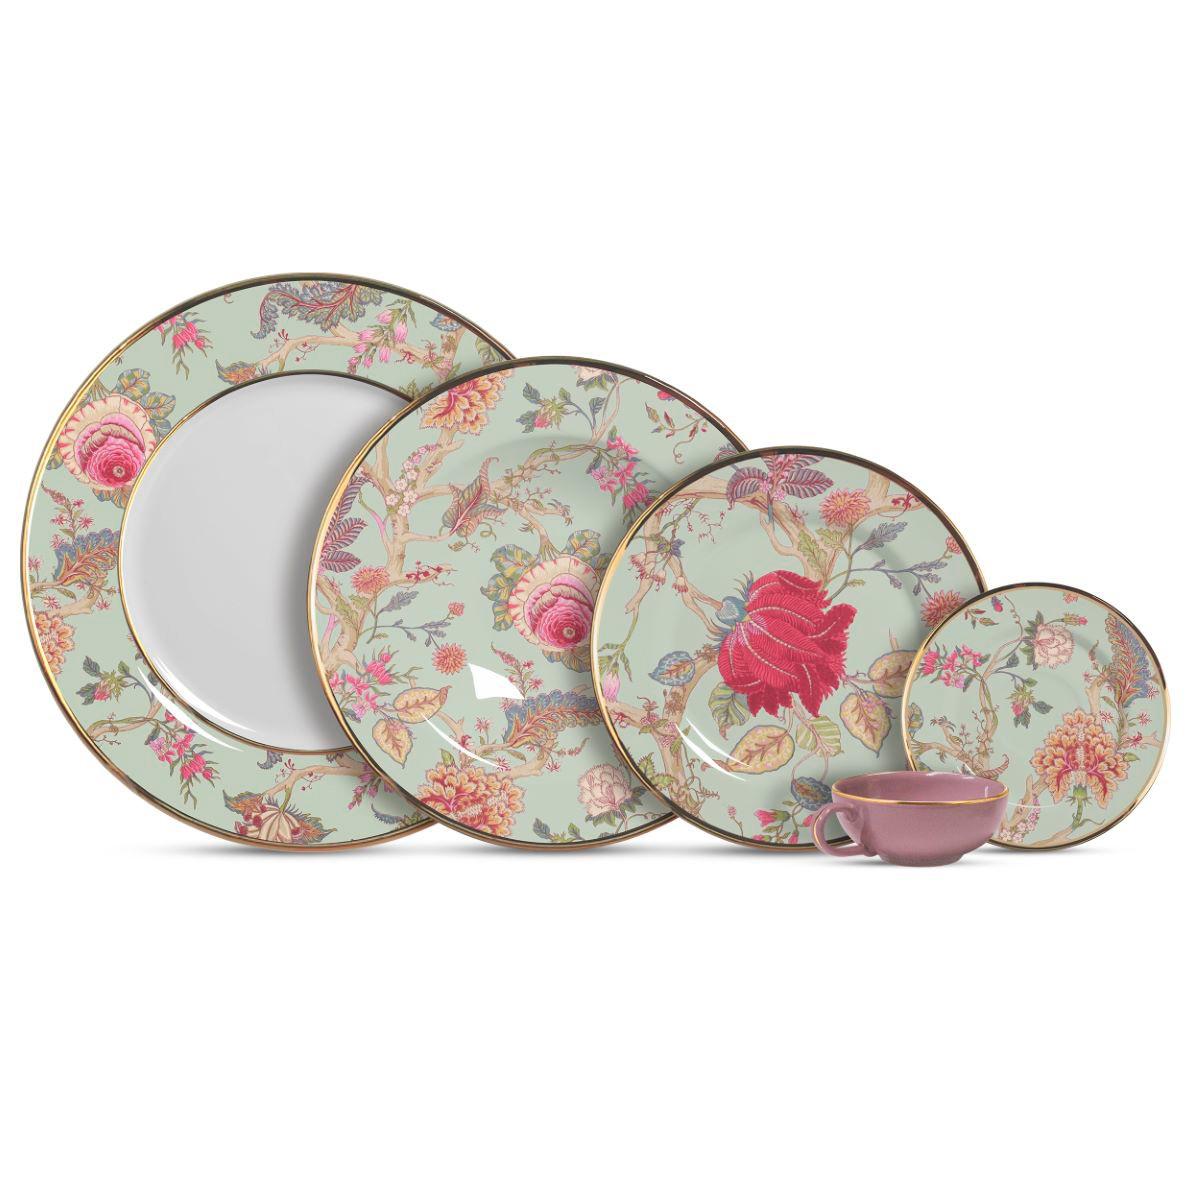 Aparelho De Jantar Cerâmica Neomint Flowers 20 Pç